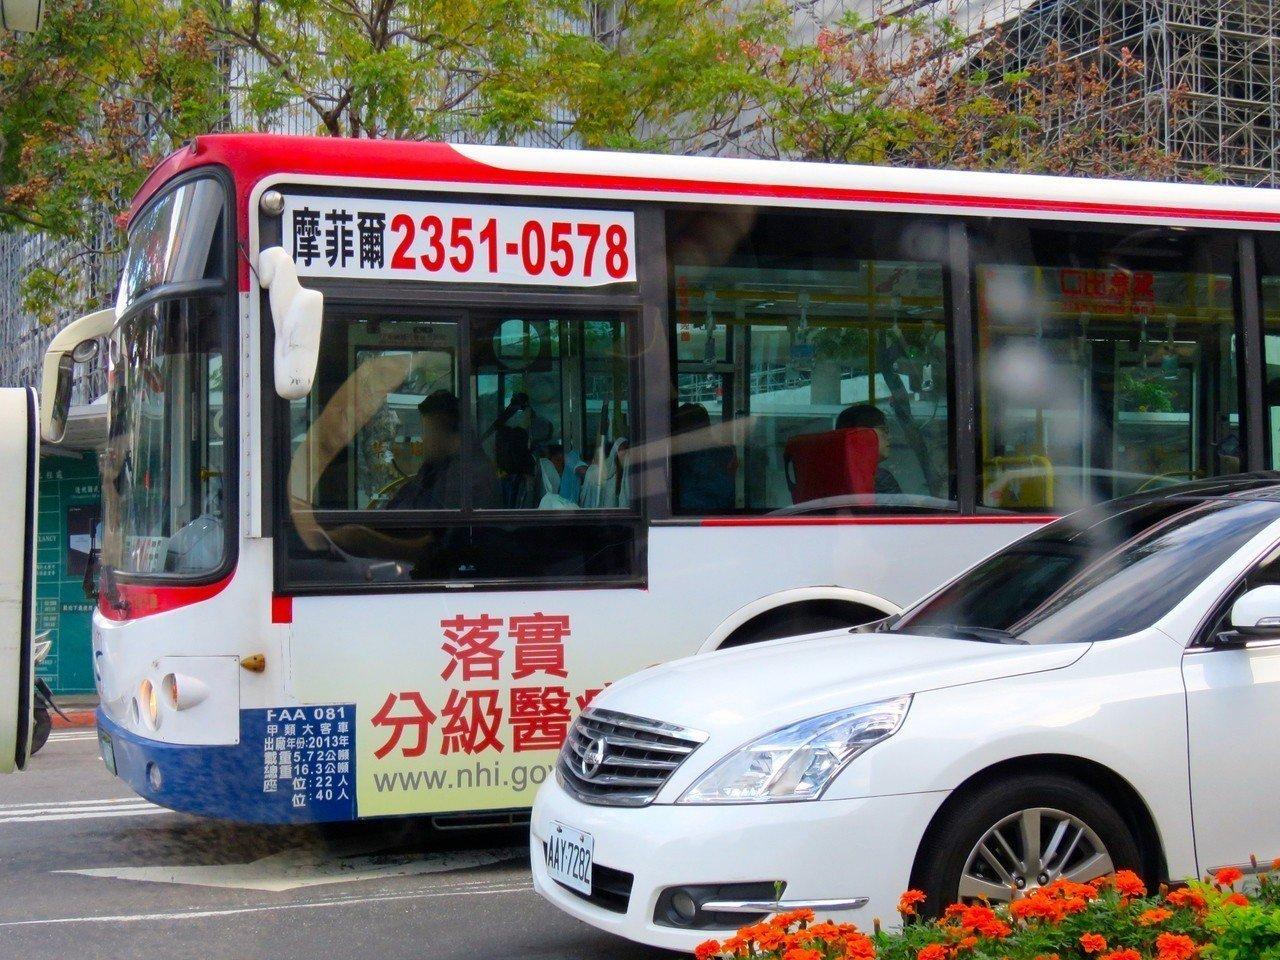 聽障人士爭工作權盼政府不要限制聽障者考大型車駕照。圖為台北市公車,與當事人無關。...